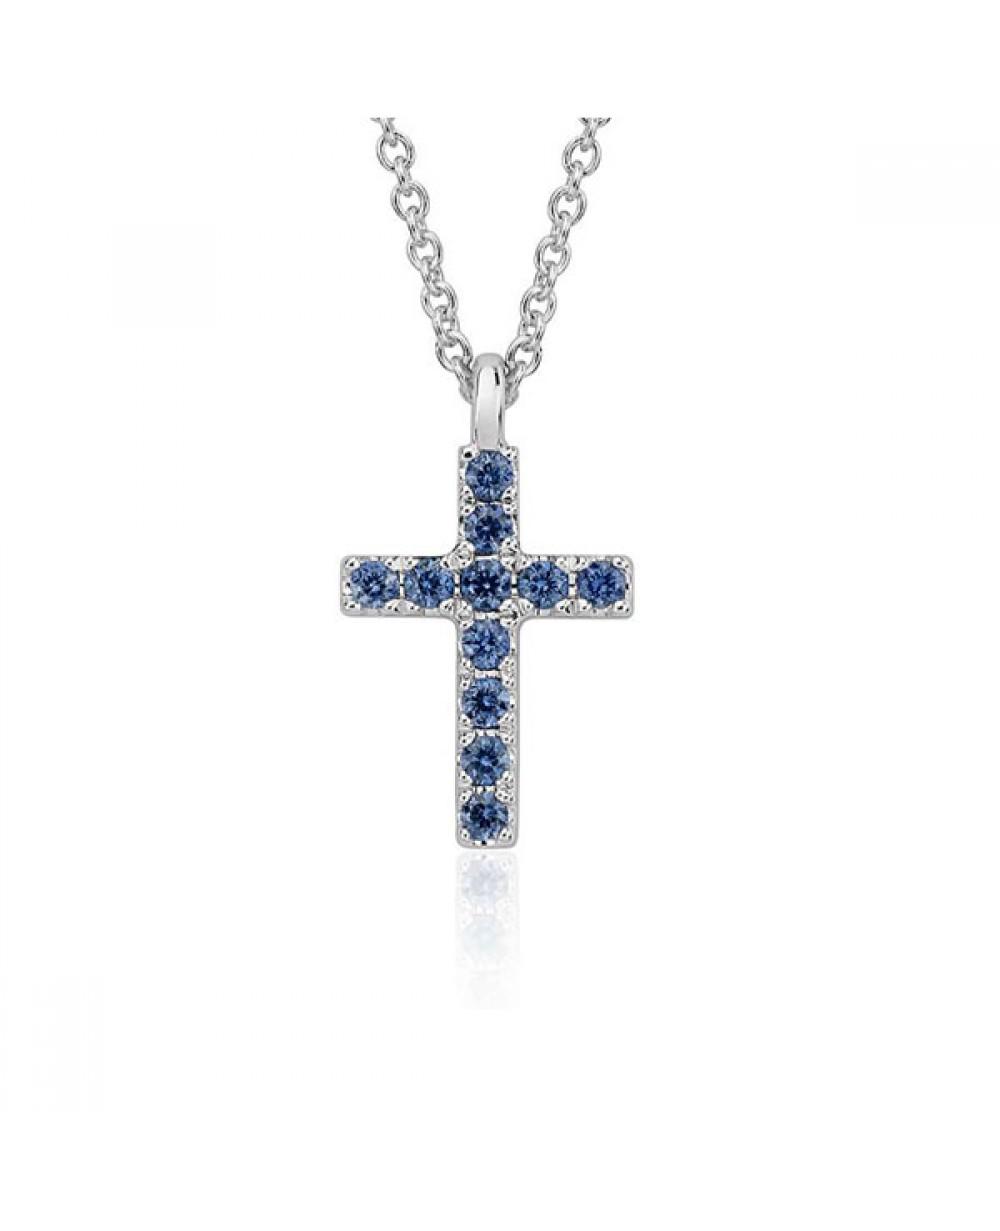 Colar Crucifixo em Ouro Branco 18K com Pedras Safira 3f4dd95349